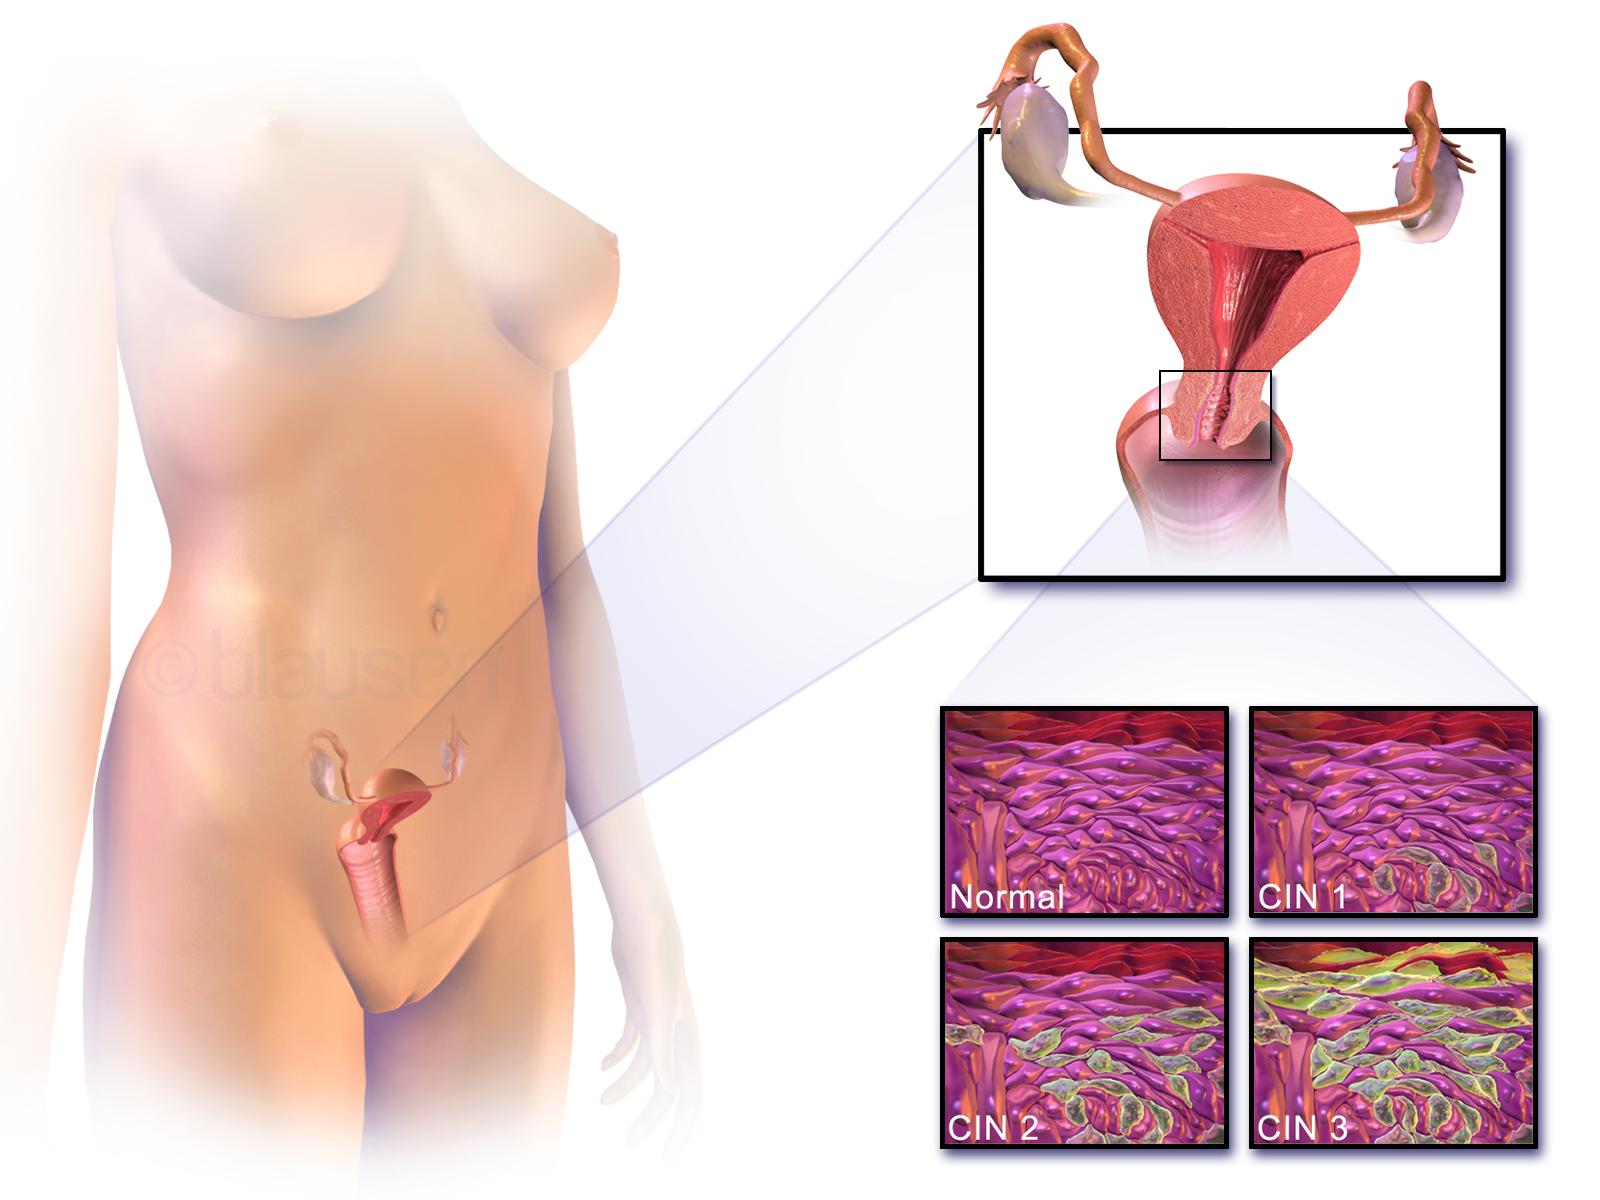 papilloma colli meaning cancer vezica urinara speranta de viata